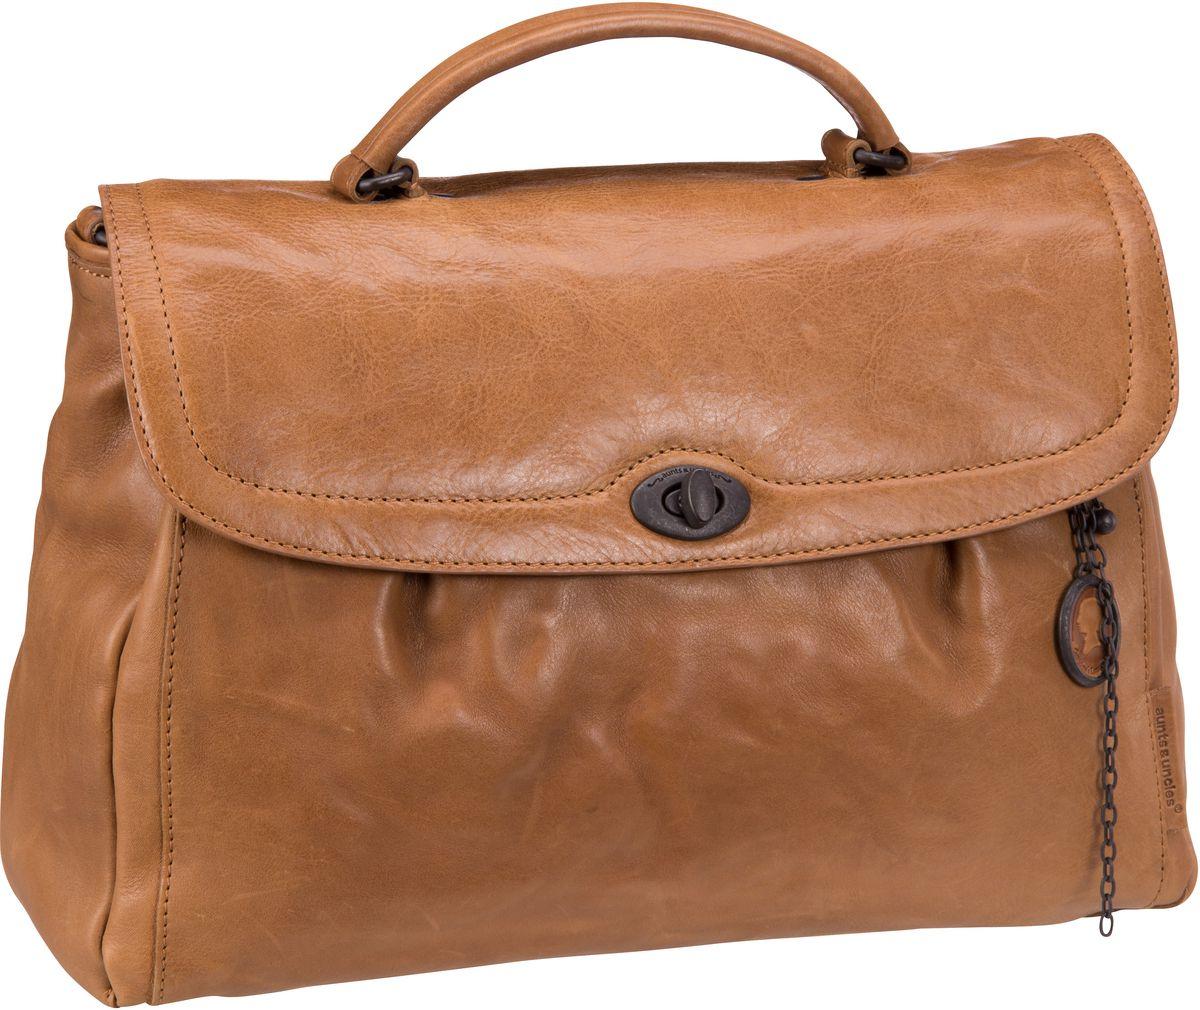 Businesstaschen für Frauen - aunts uncles Aktentasche Mrs. Velvet Pie Caramel  - Onlineshop Taschenkaufhaus